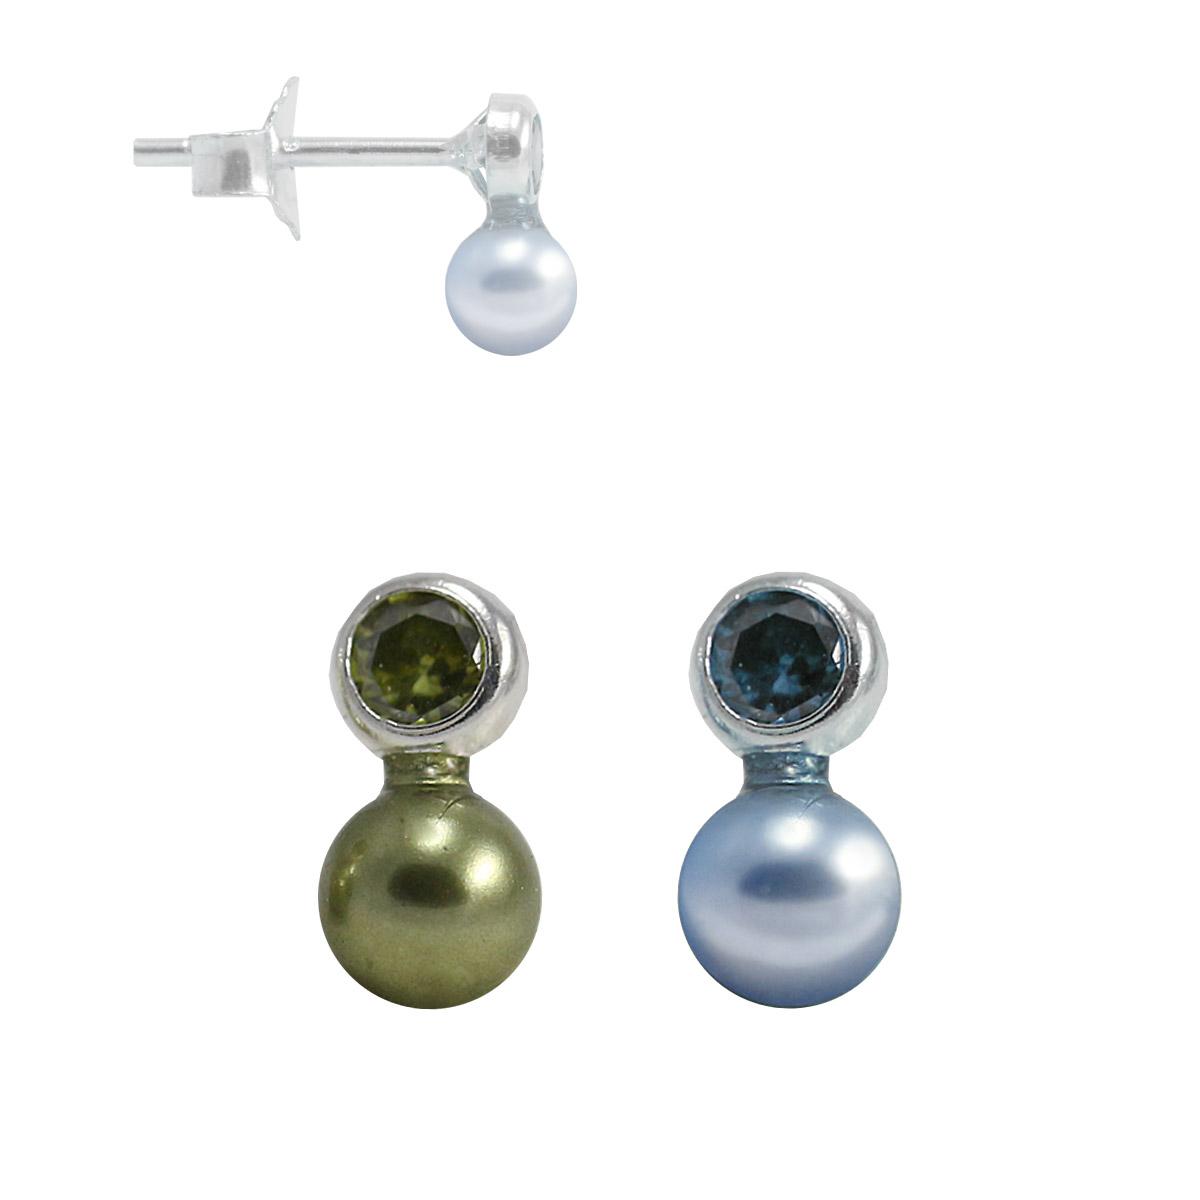 ohrstecker silber mit zirkonia aquamarin und perle 320xx. Black Bedroom Furniture Sets. Home Design Ideas